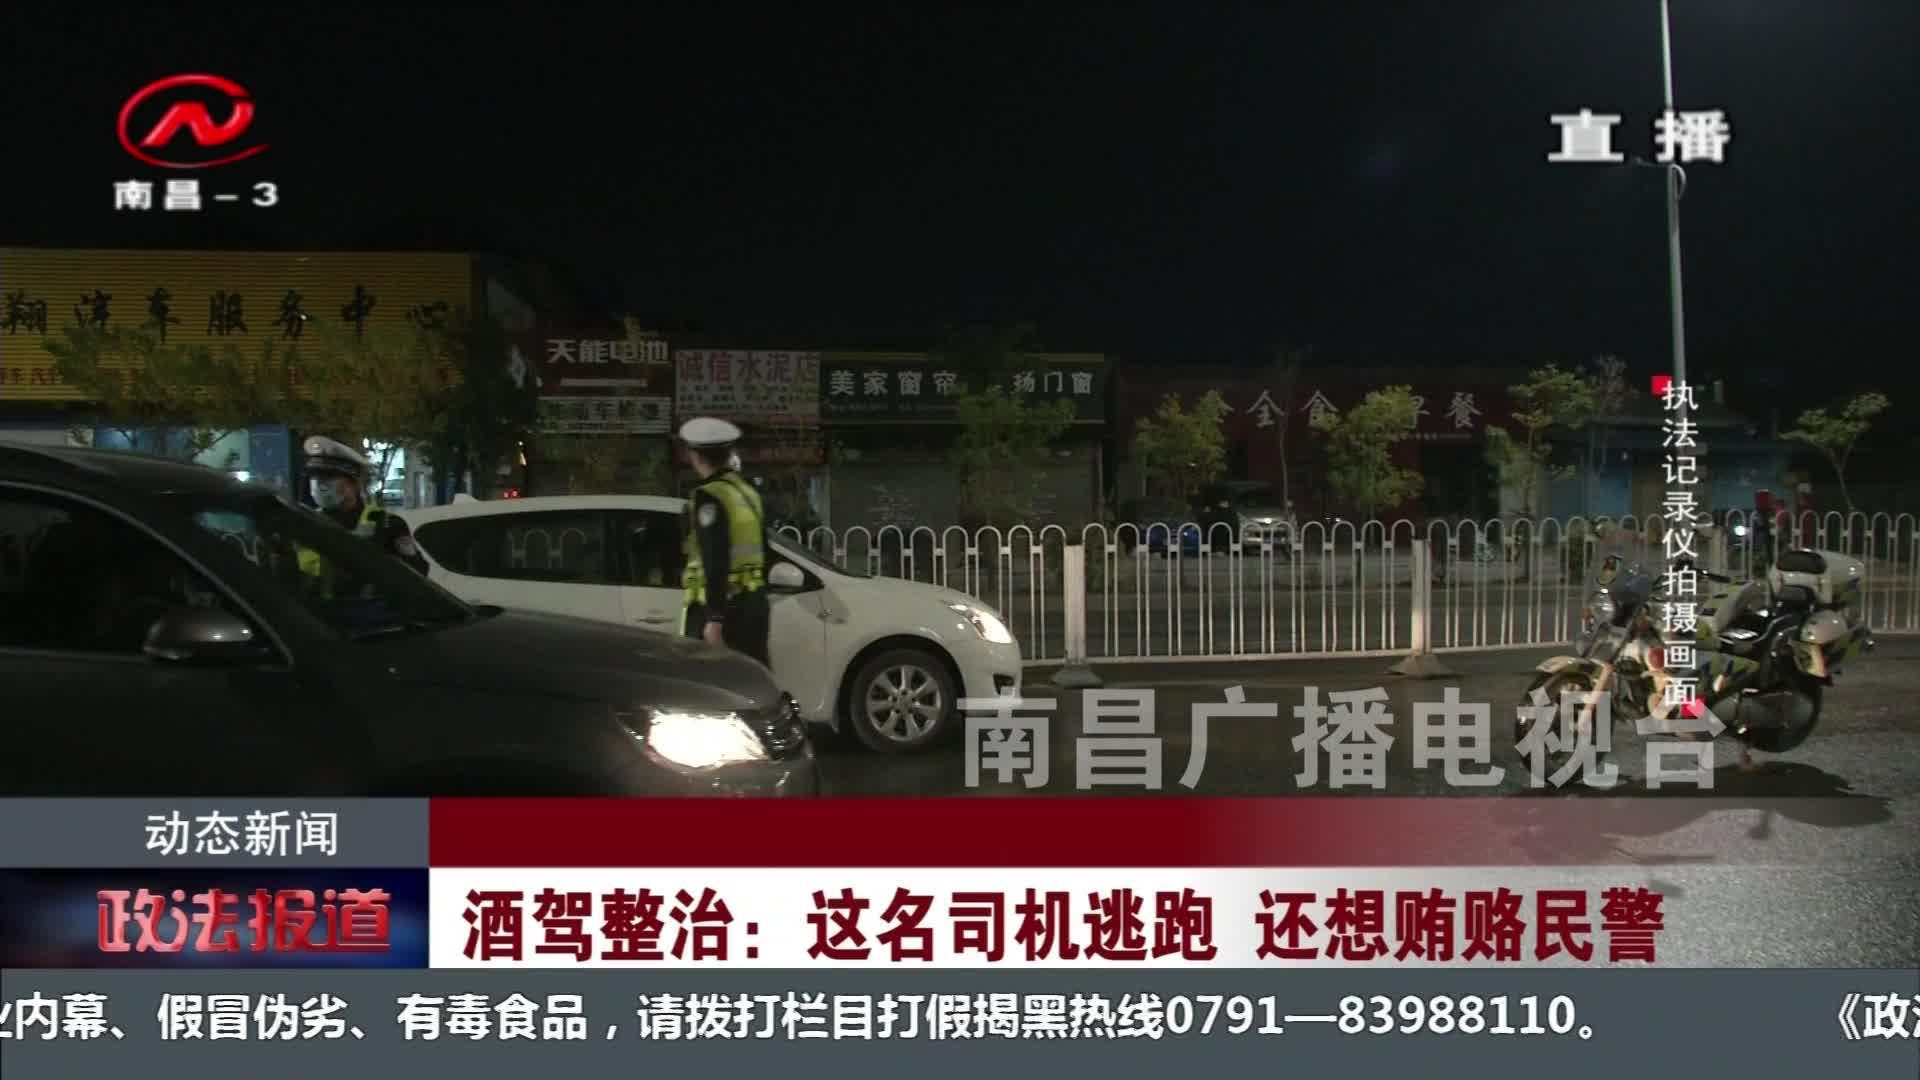 酒駕整治:這名司機逃跑 還想賄賂民警